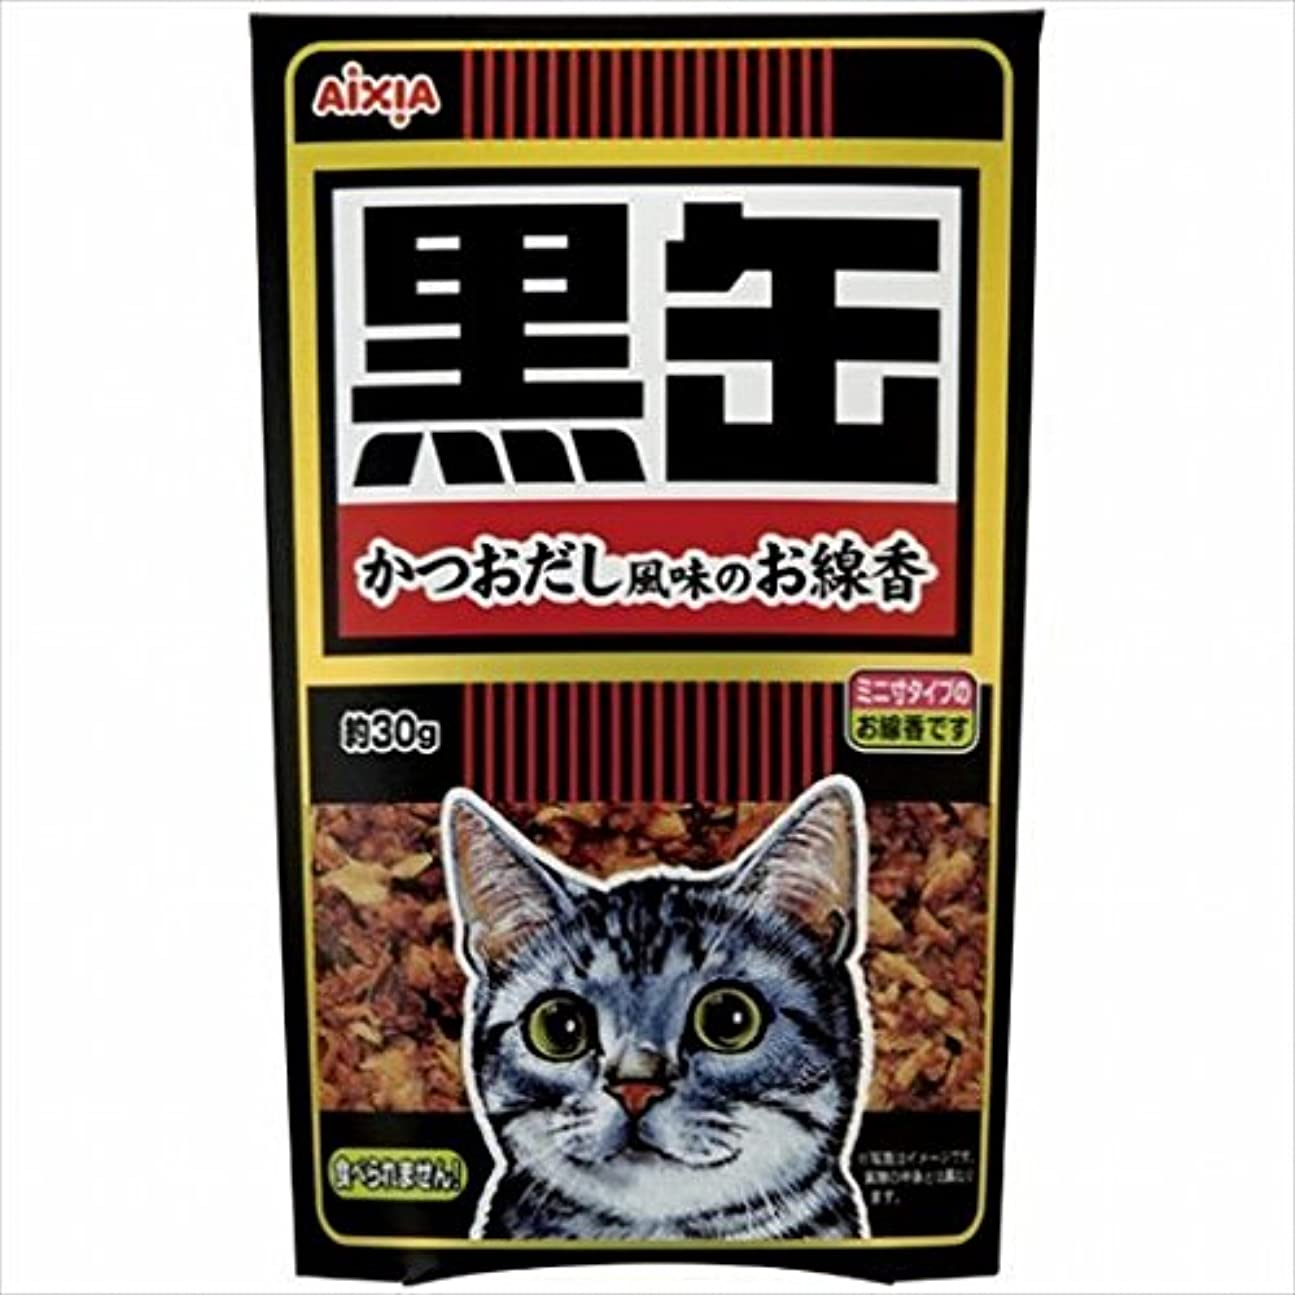 リンス承認優雅カメヤマキャンドル(kameyama candle) 黒缶 線香